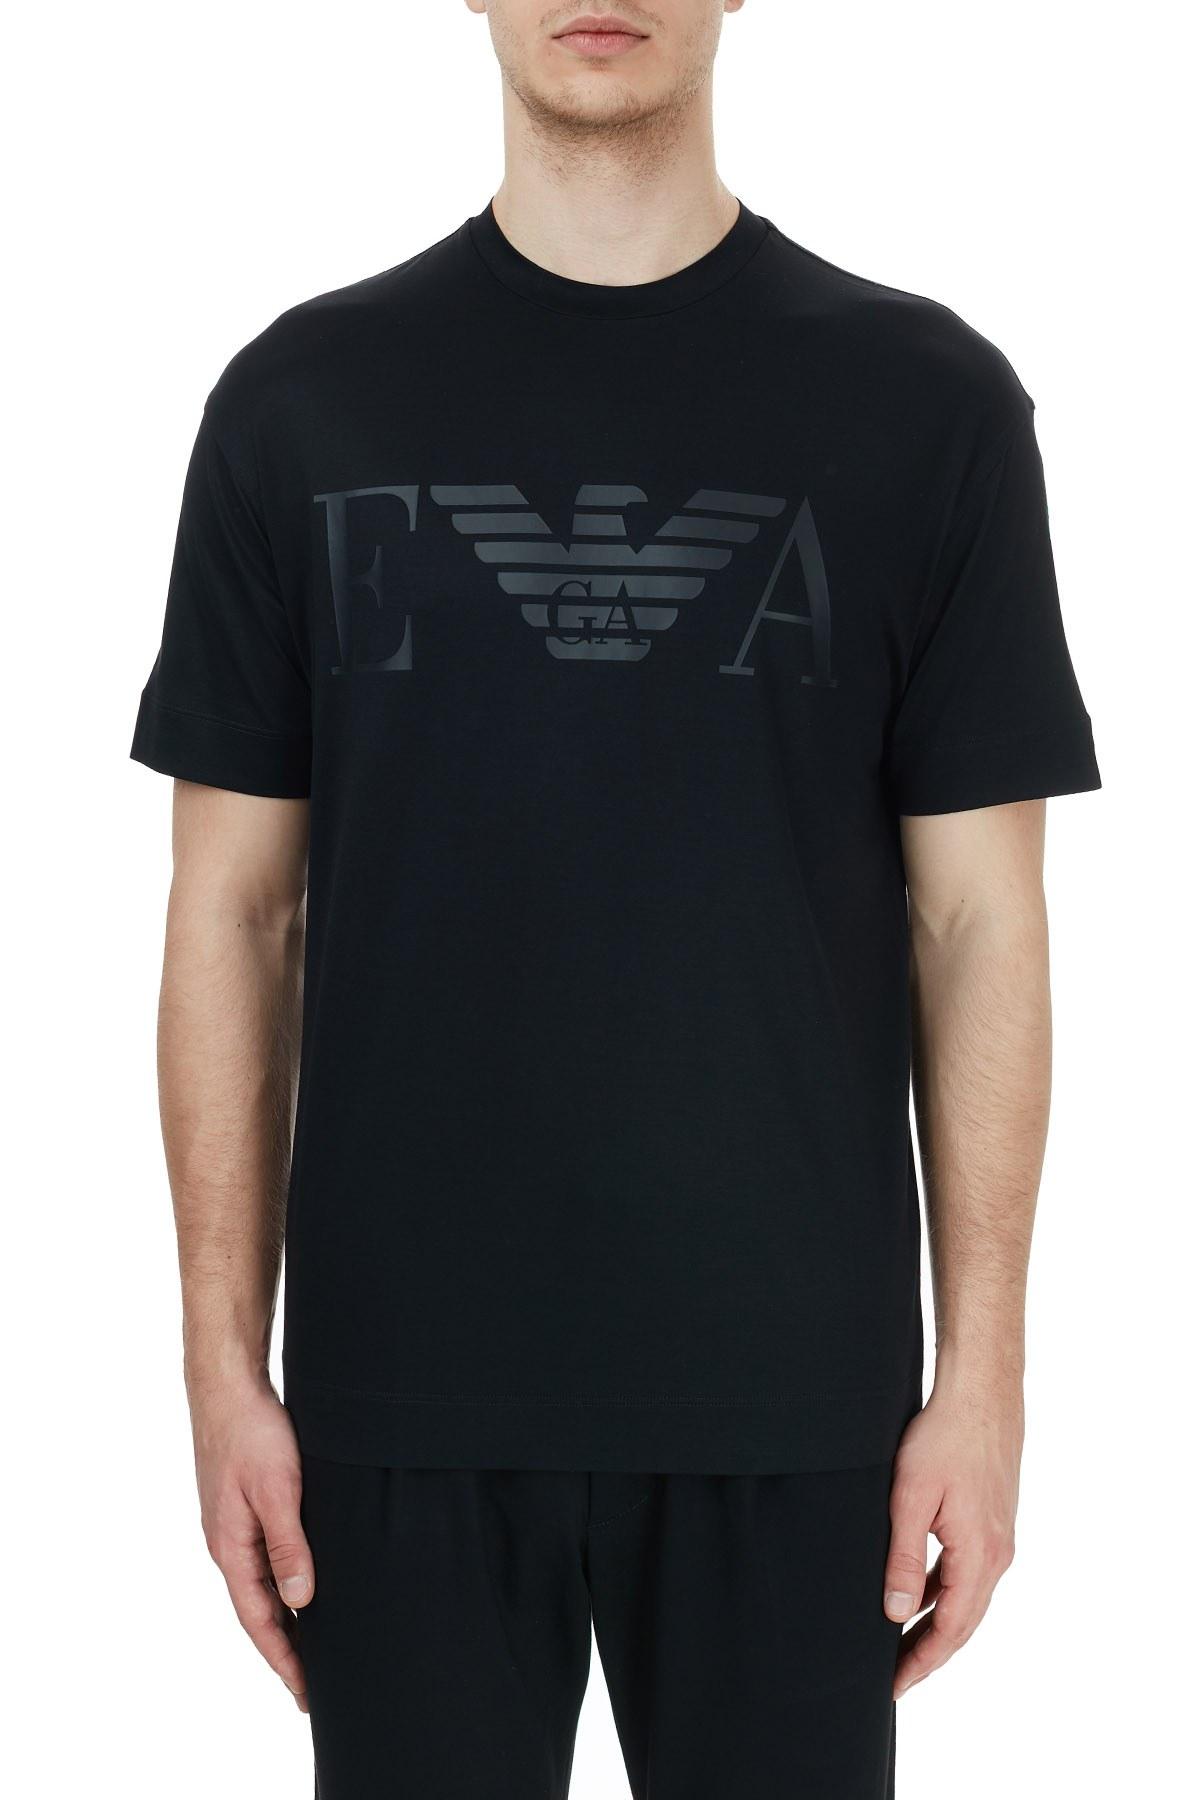 Emporio Armani Baskılı Bisiklet Yaka Erkek T Shirt 6H1TH0 1JBVZ 0999 SİYAH